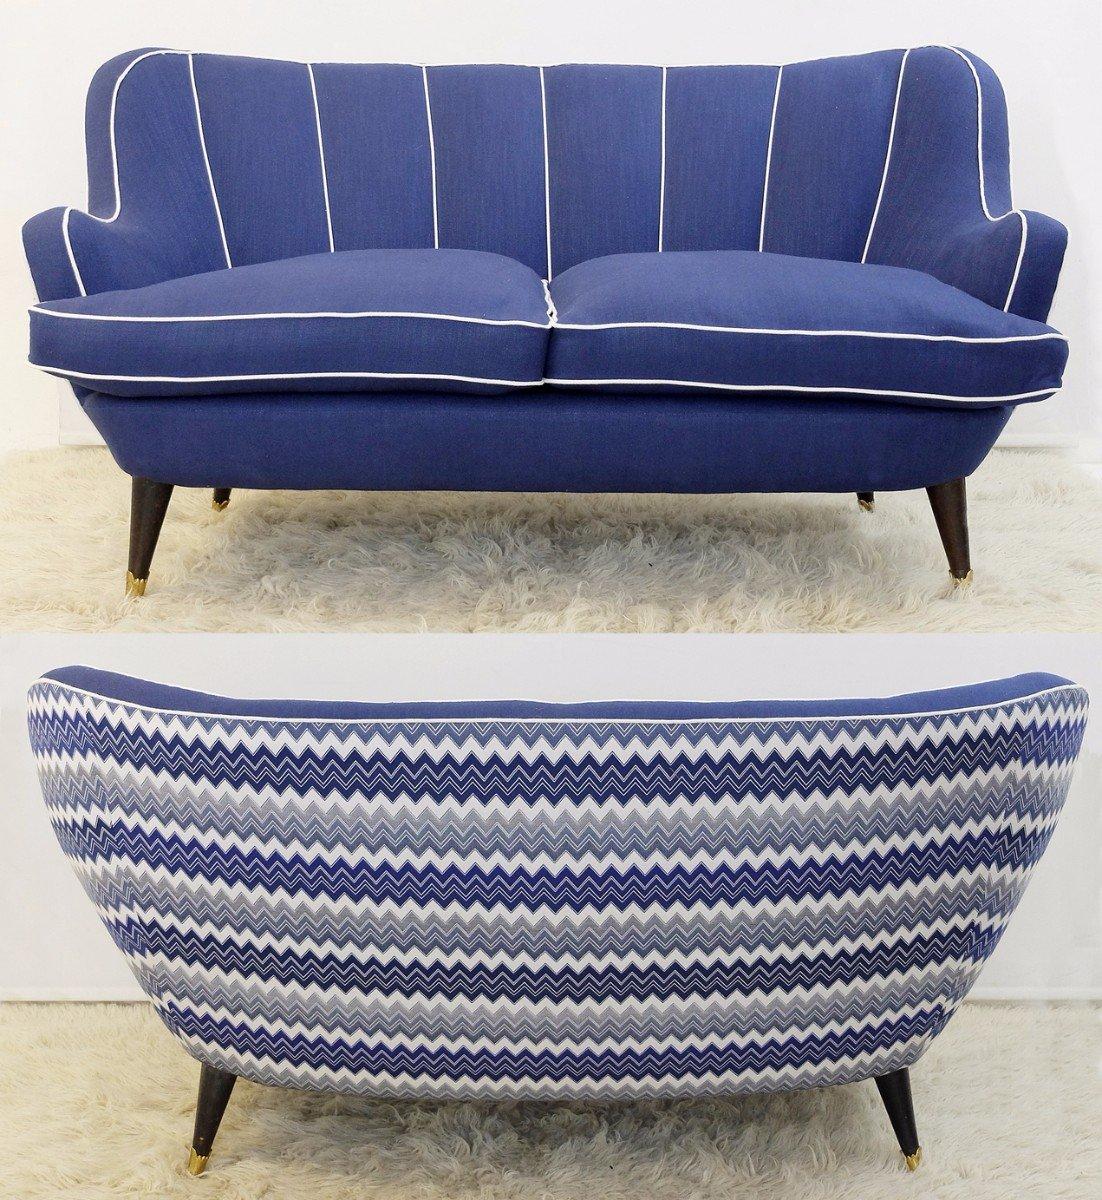 k nigsblaues italienisches vintage sofa bei pamono kaufen. Black Bedroom Furniture Sets. Home Design Ideas